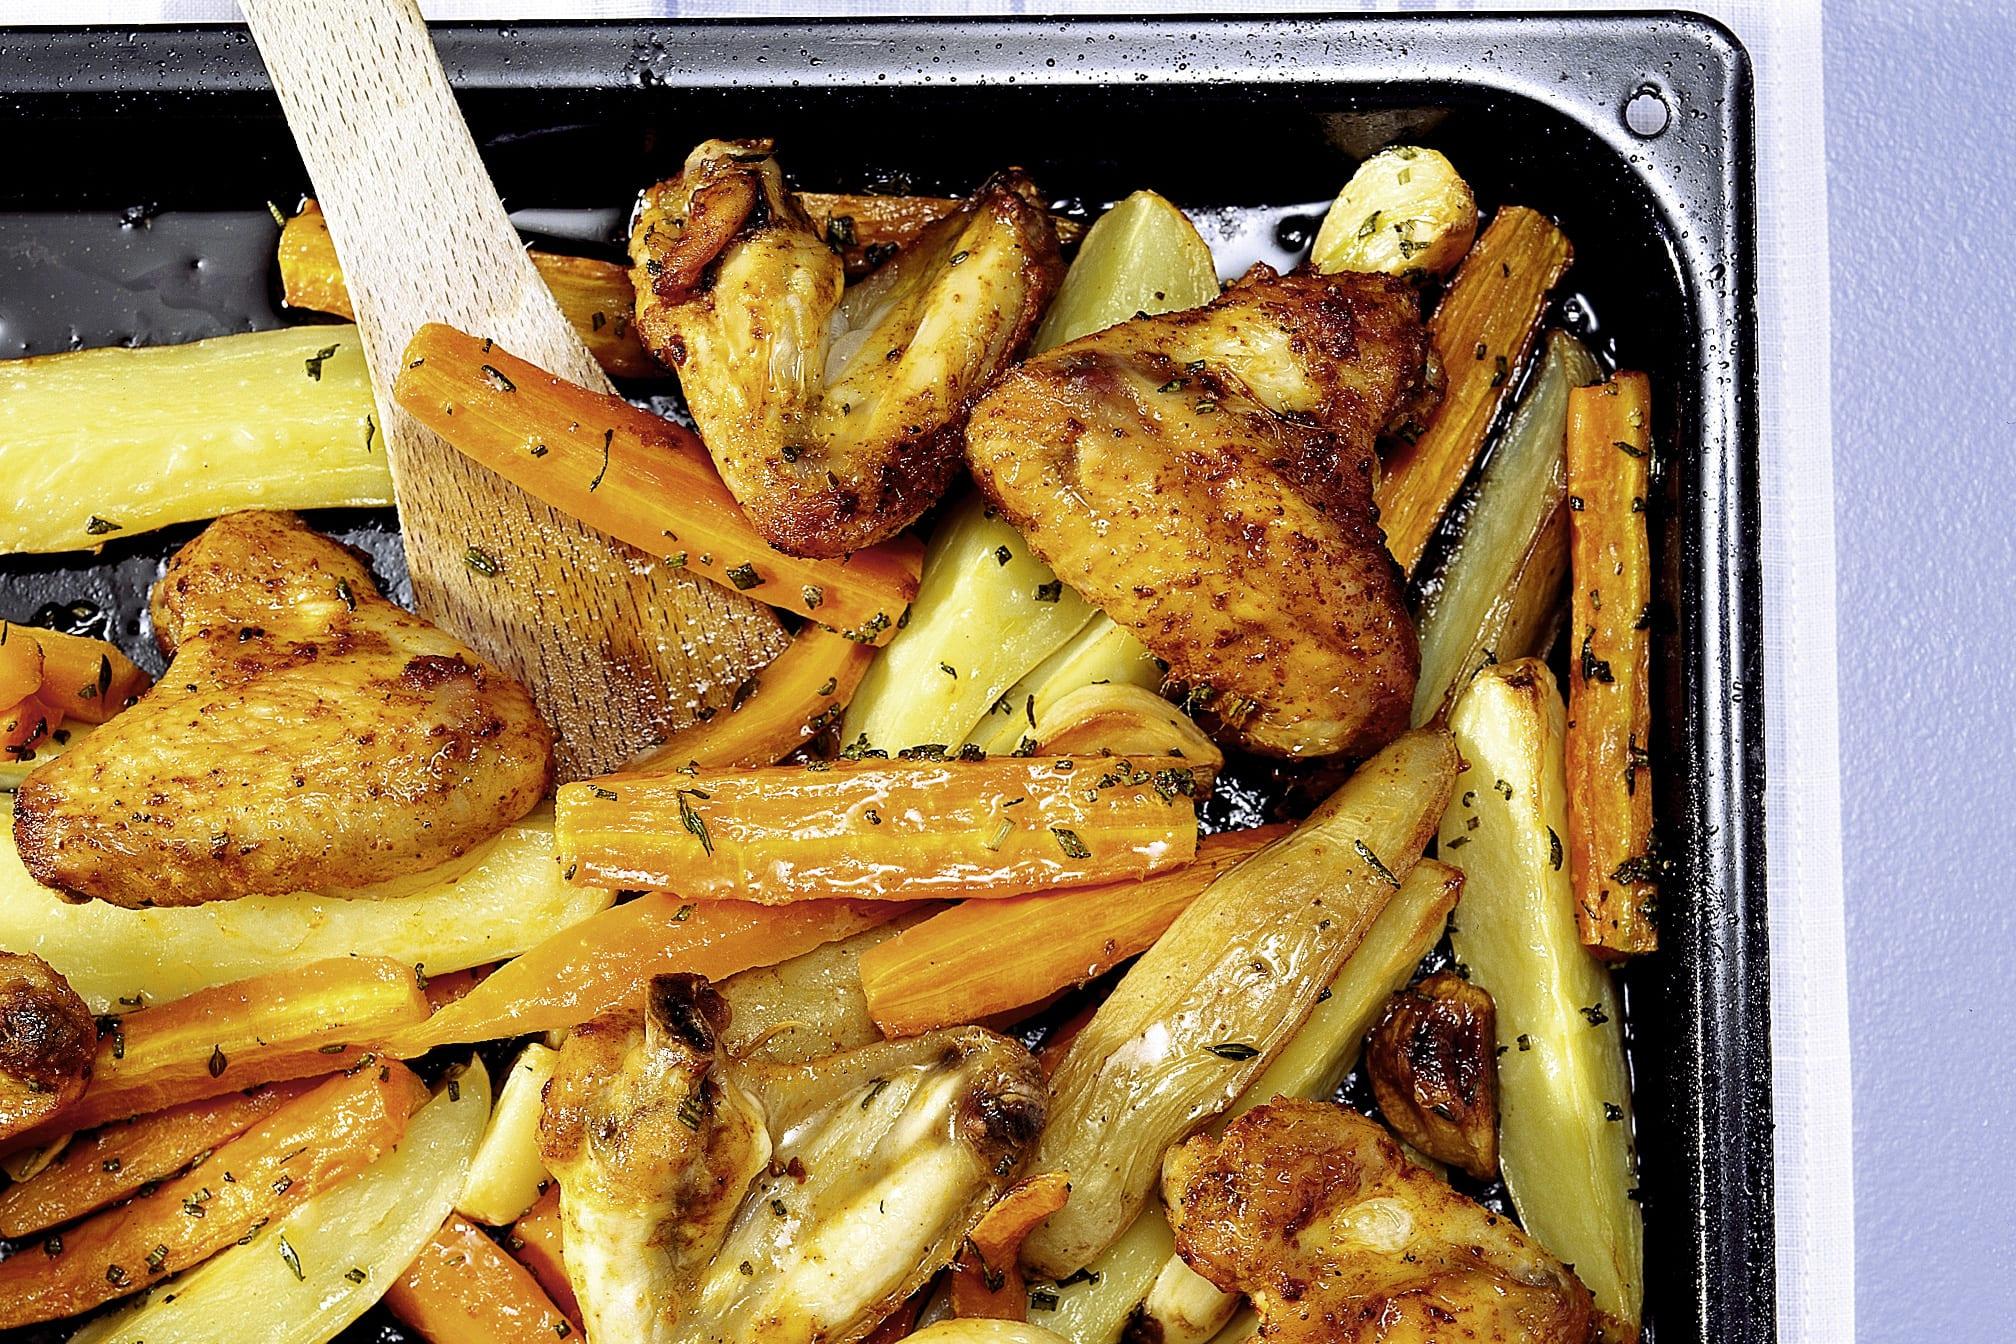 Ailes de poulet au four, potatoes et carottes